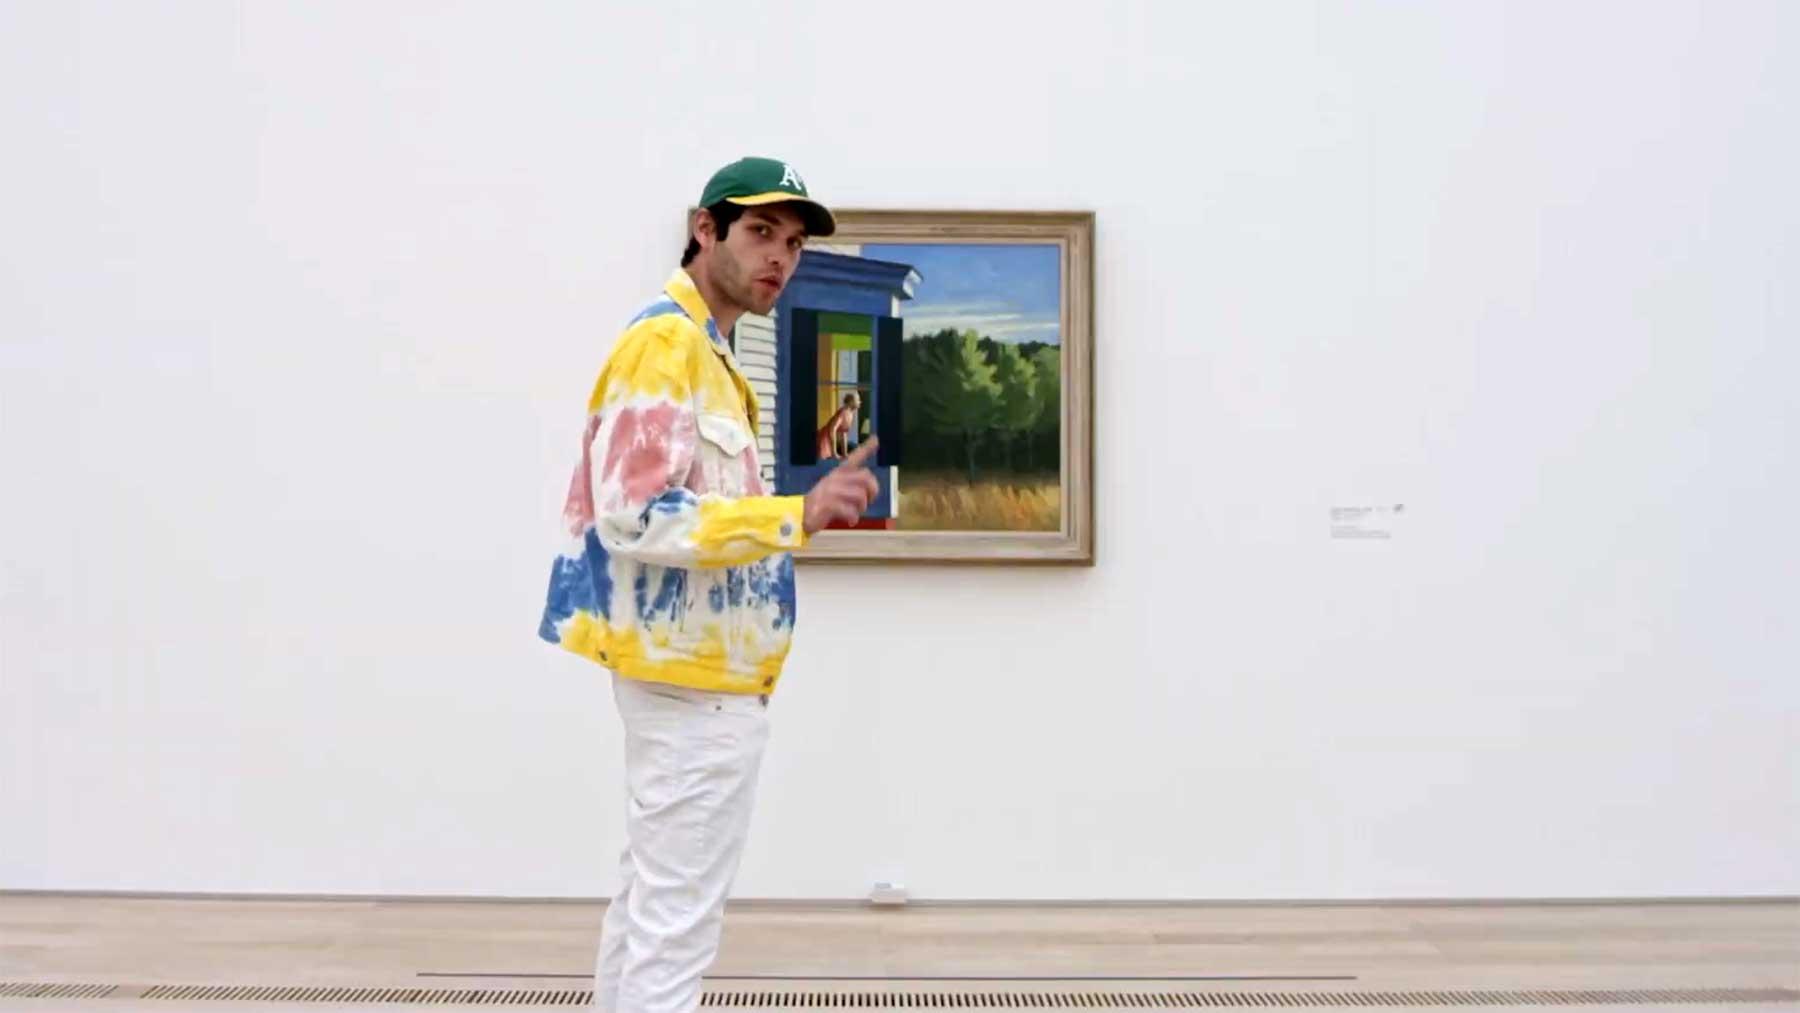 Gerappte Edward-Hopper-Gemälde mit Laurin Buser